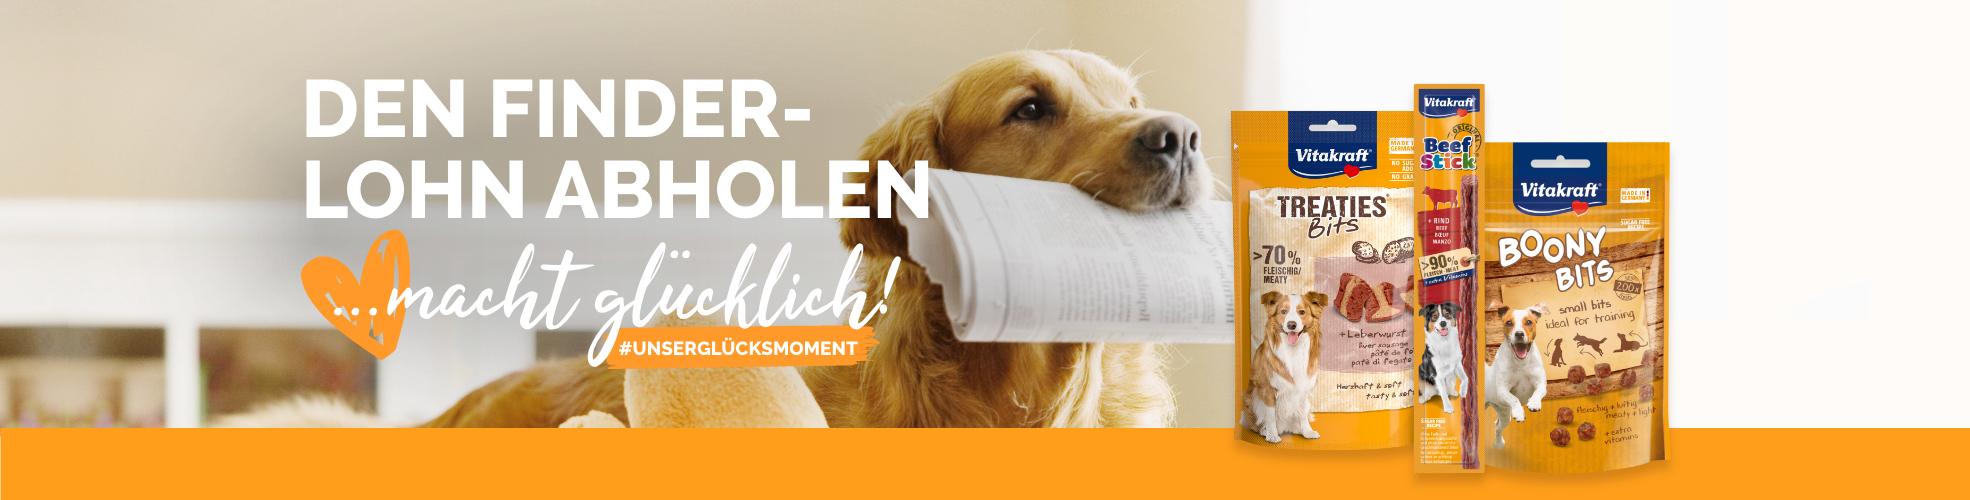 Hund bringt im Maul Zeitung   Produktabbildungen von Hundesnacks